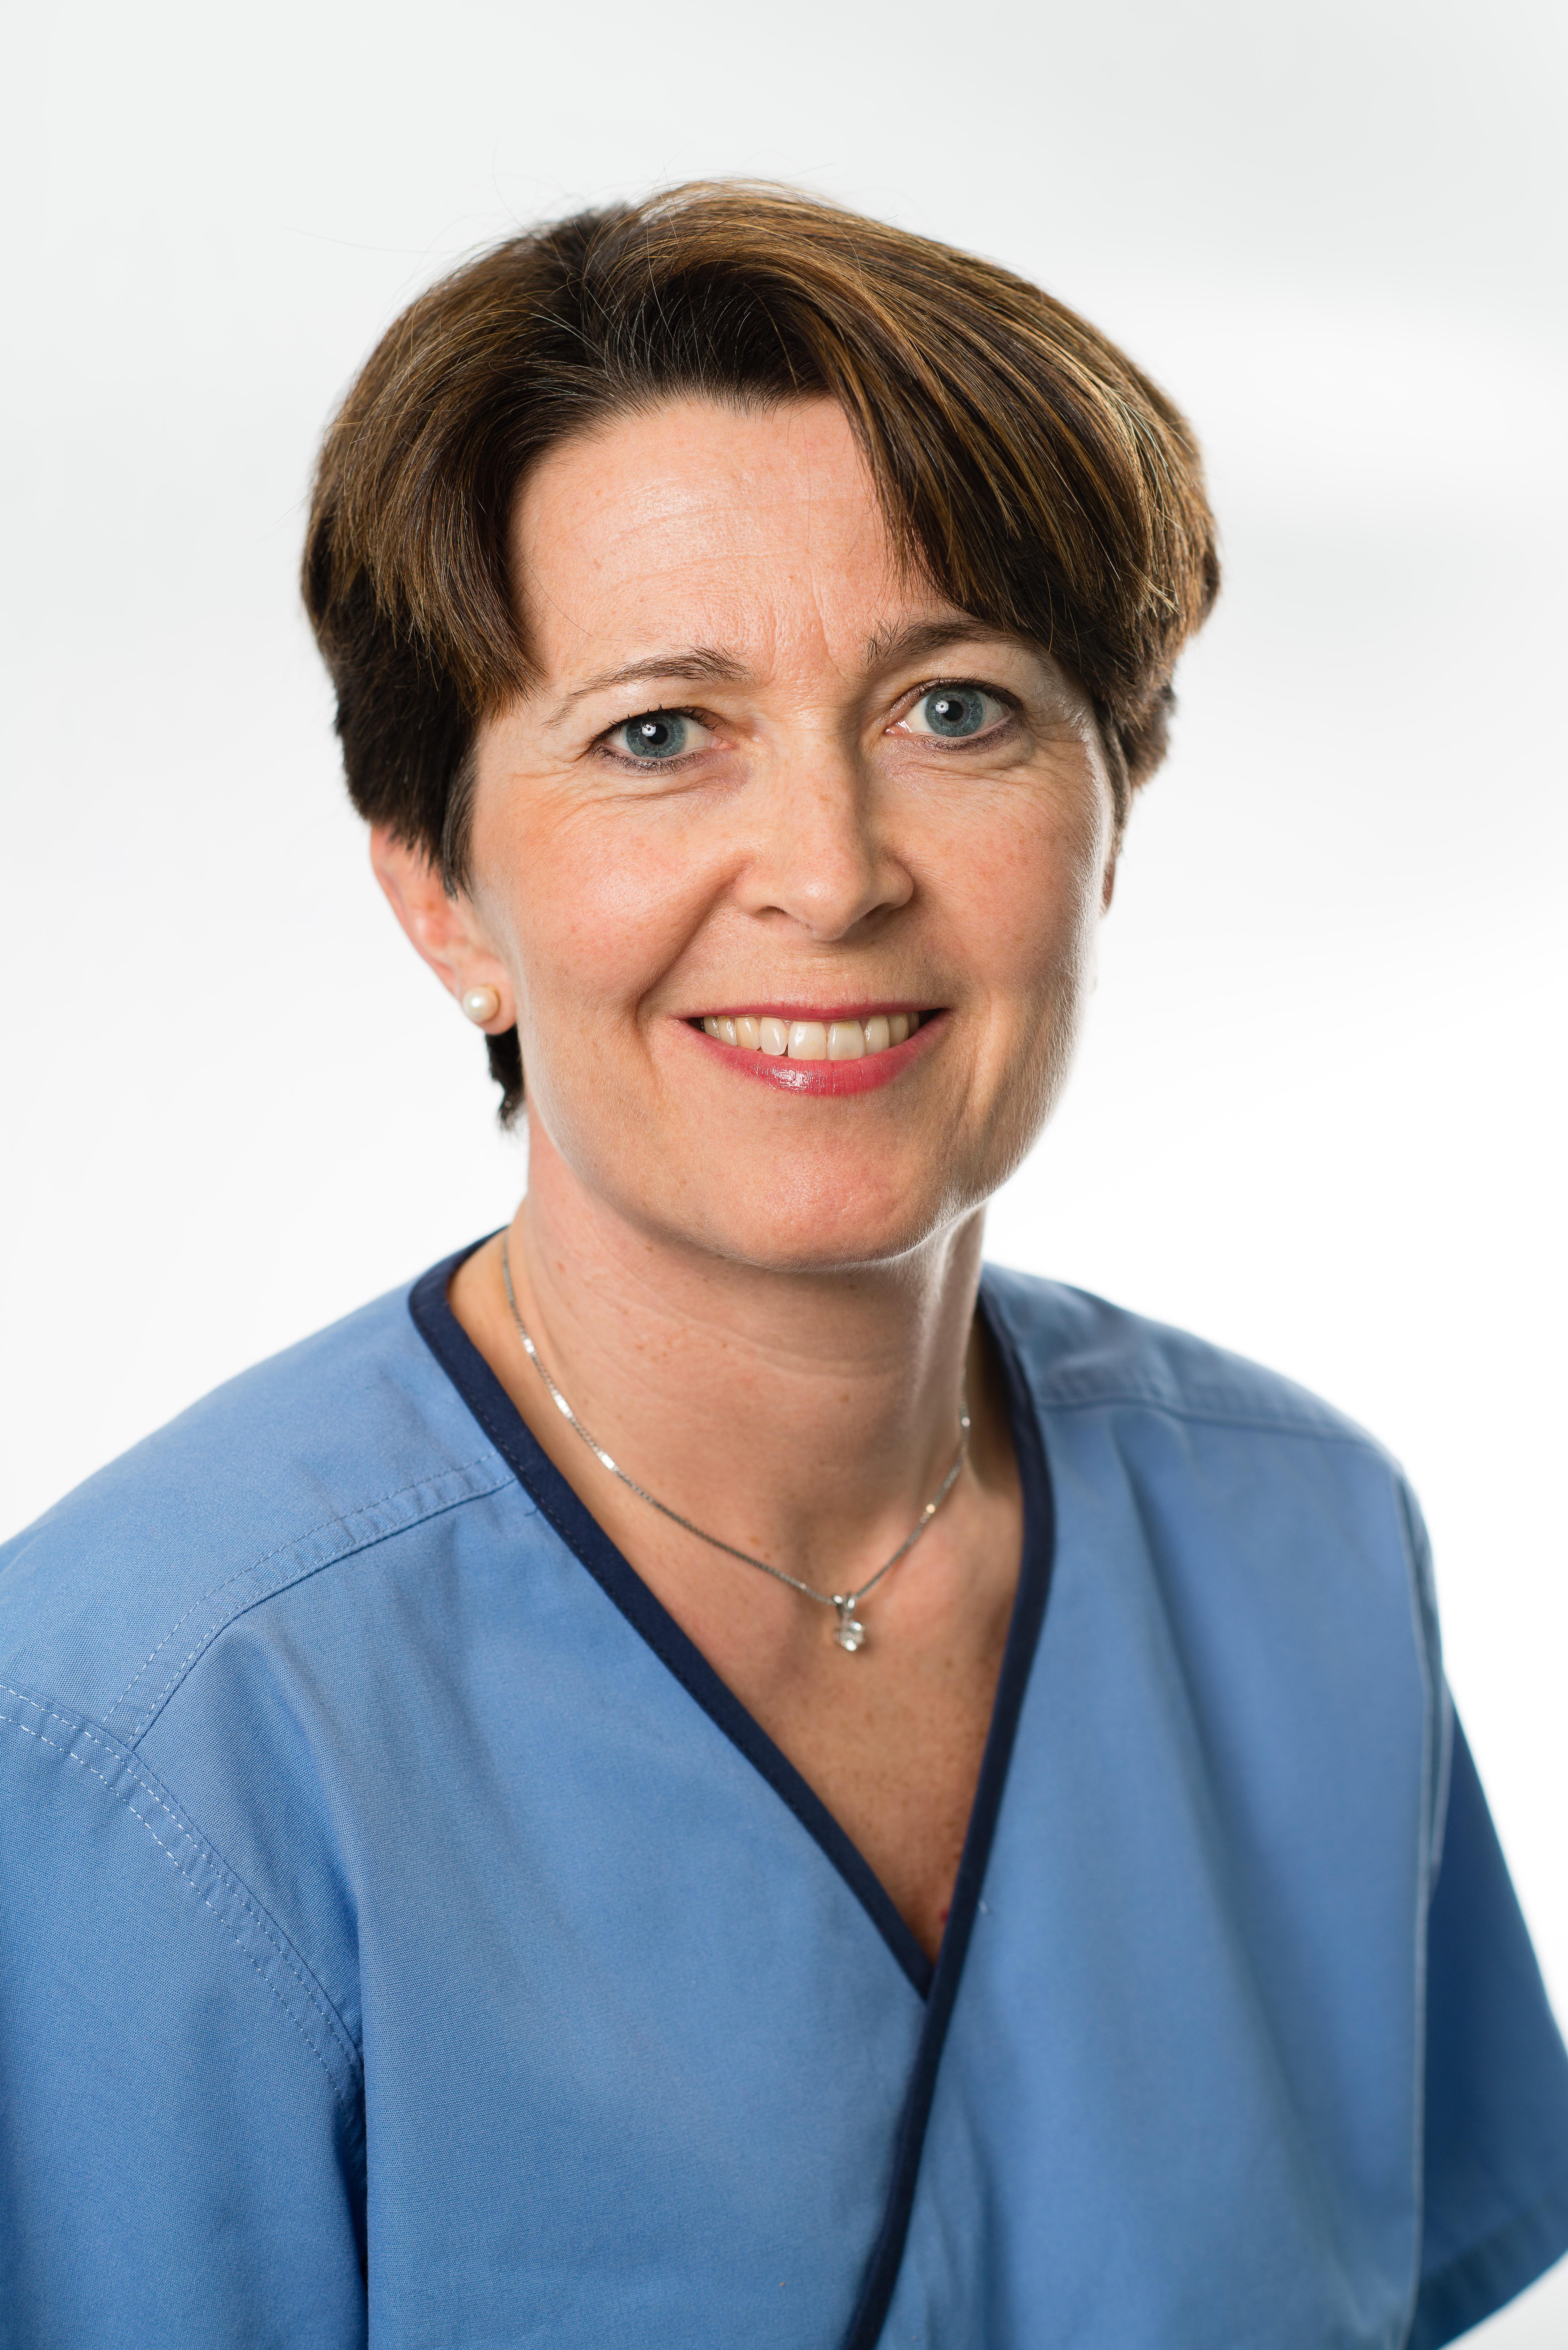 Veronica Loe Larsen